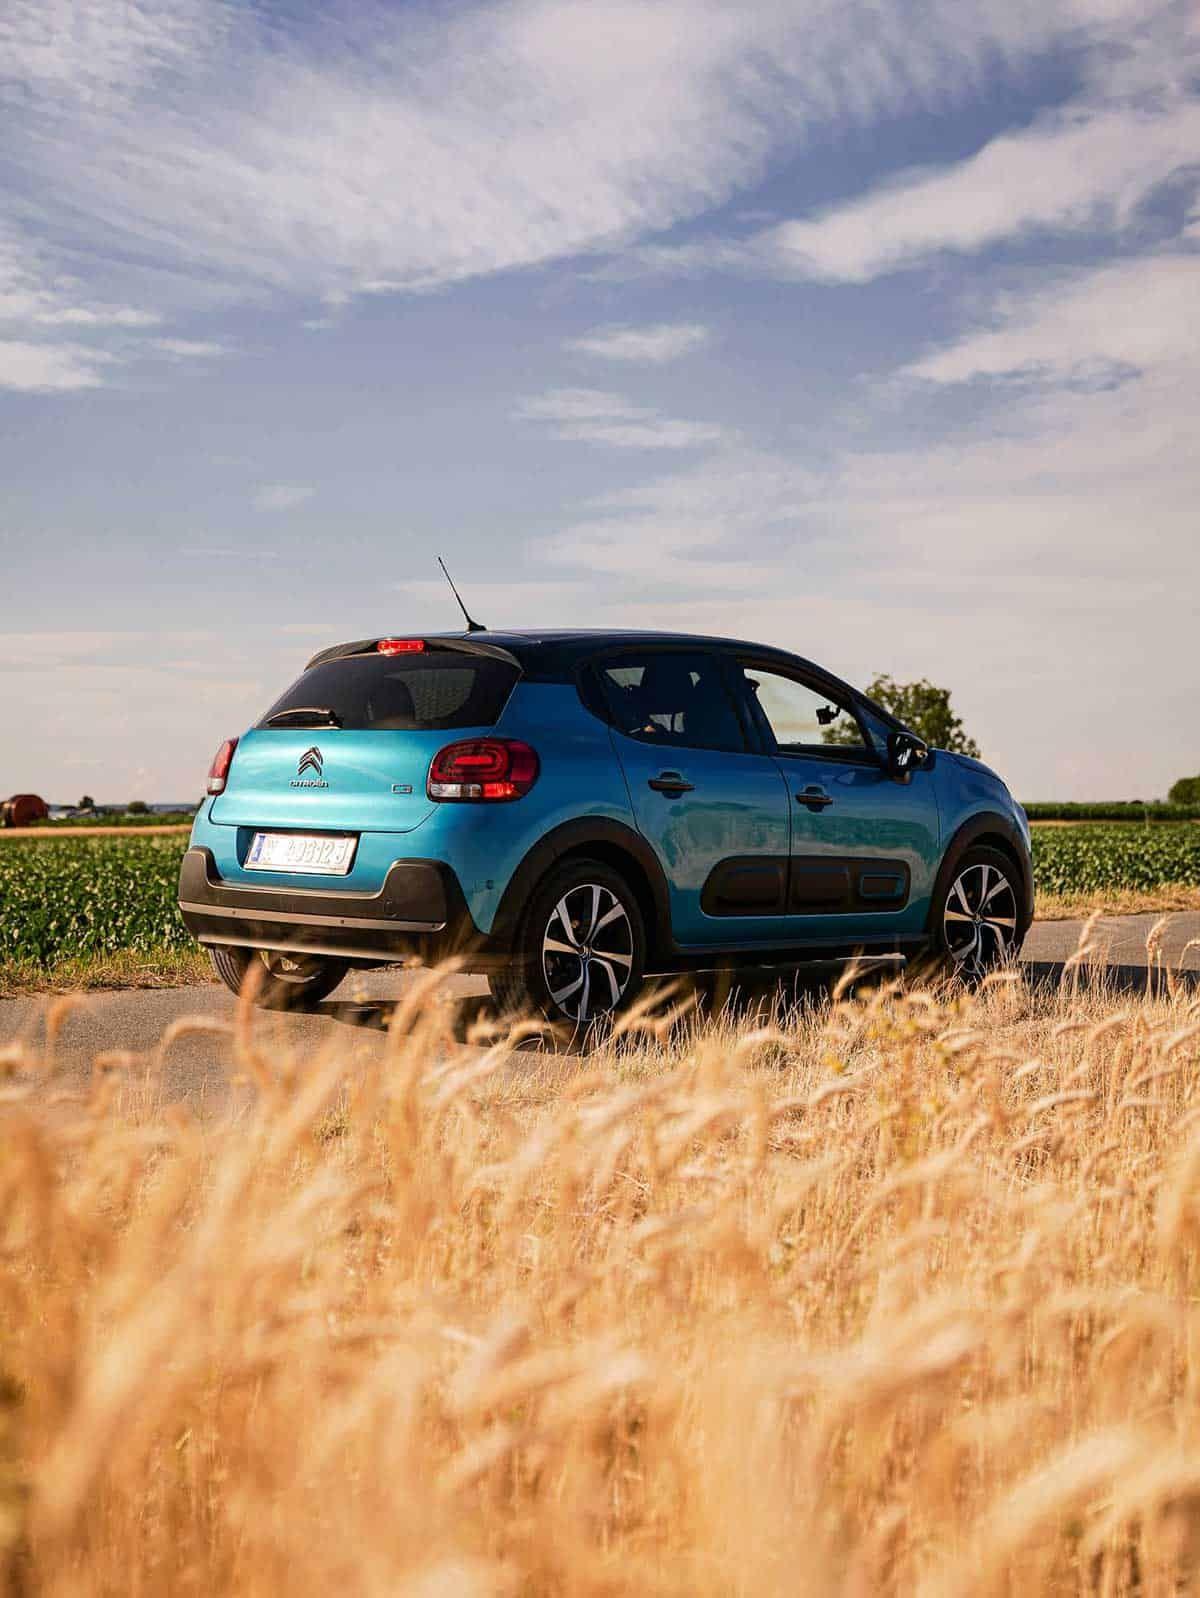 Mit dem Citroën C3 zwischen den weiten Feldern im Burgenland, Sponsored (c) Marino Knöppel   valerino.creations